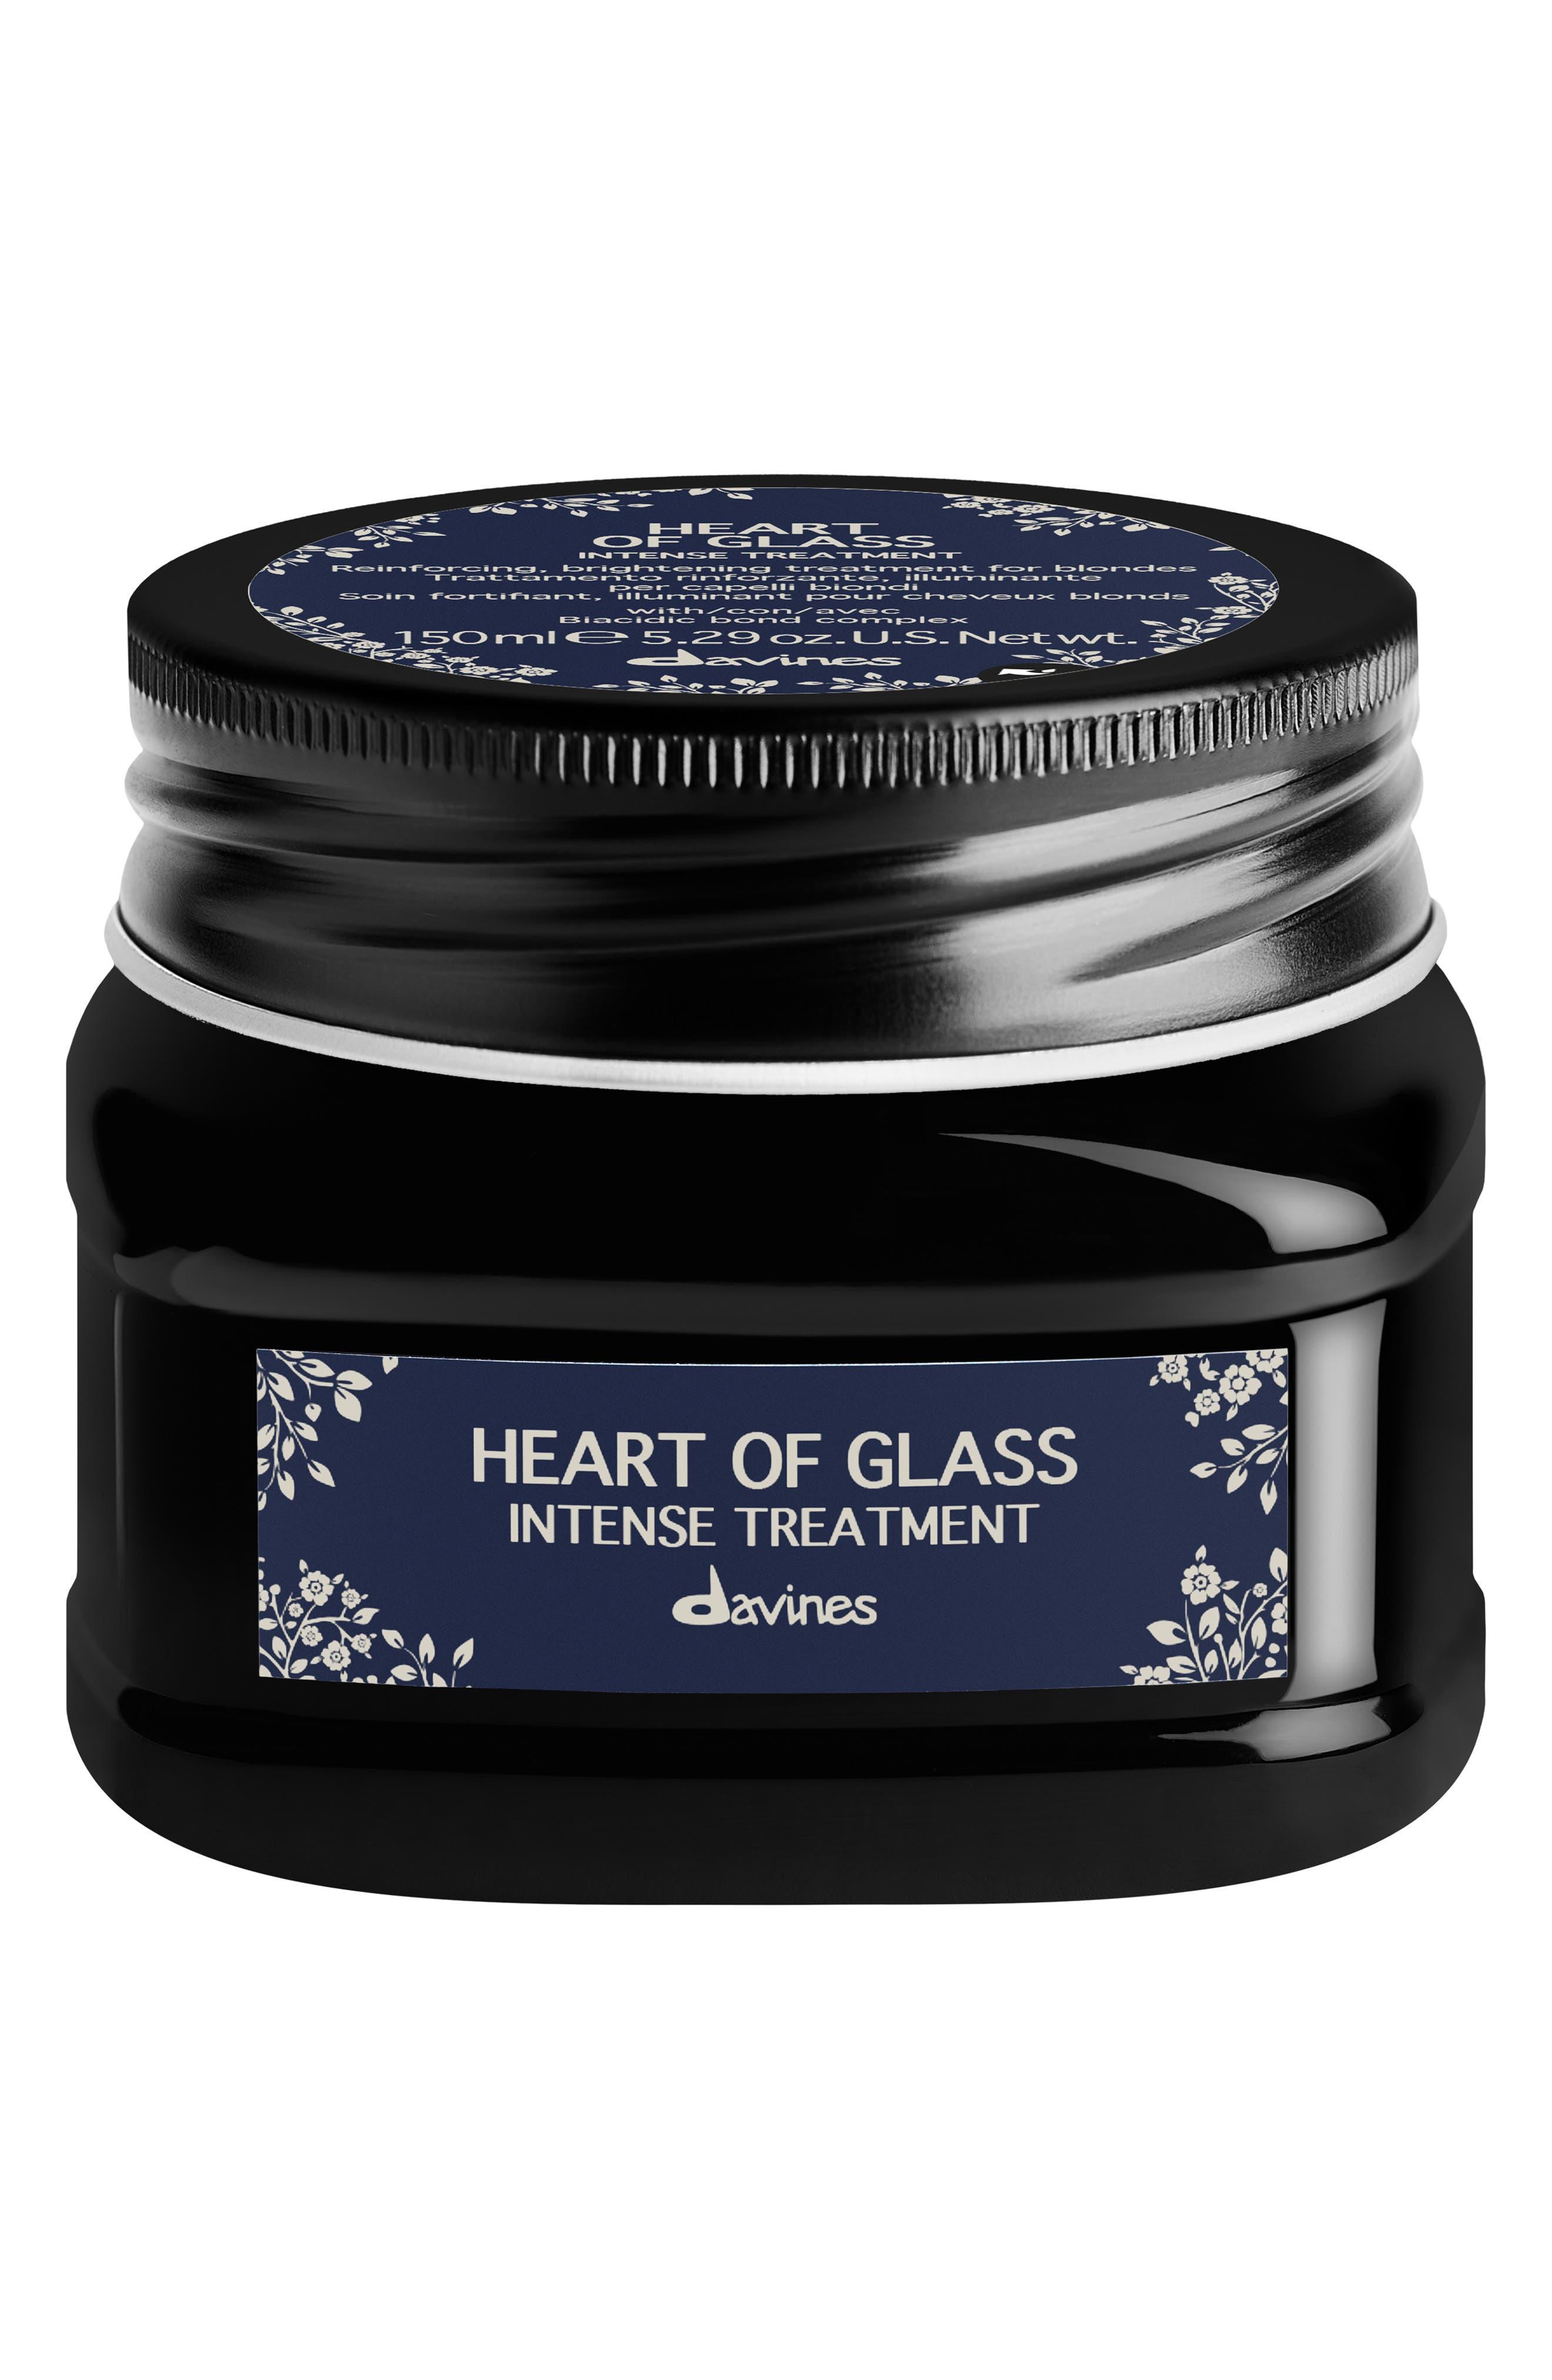 Heart of Glass Intense Hair Treatment